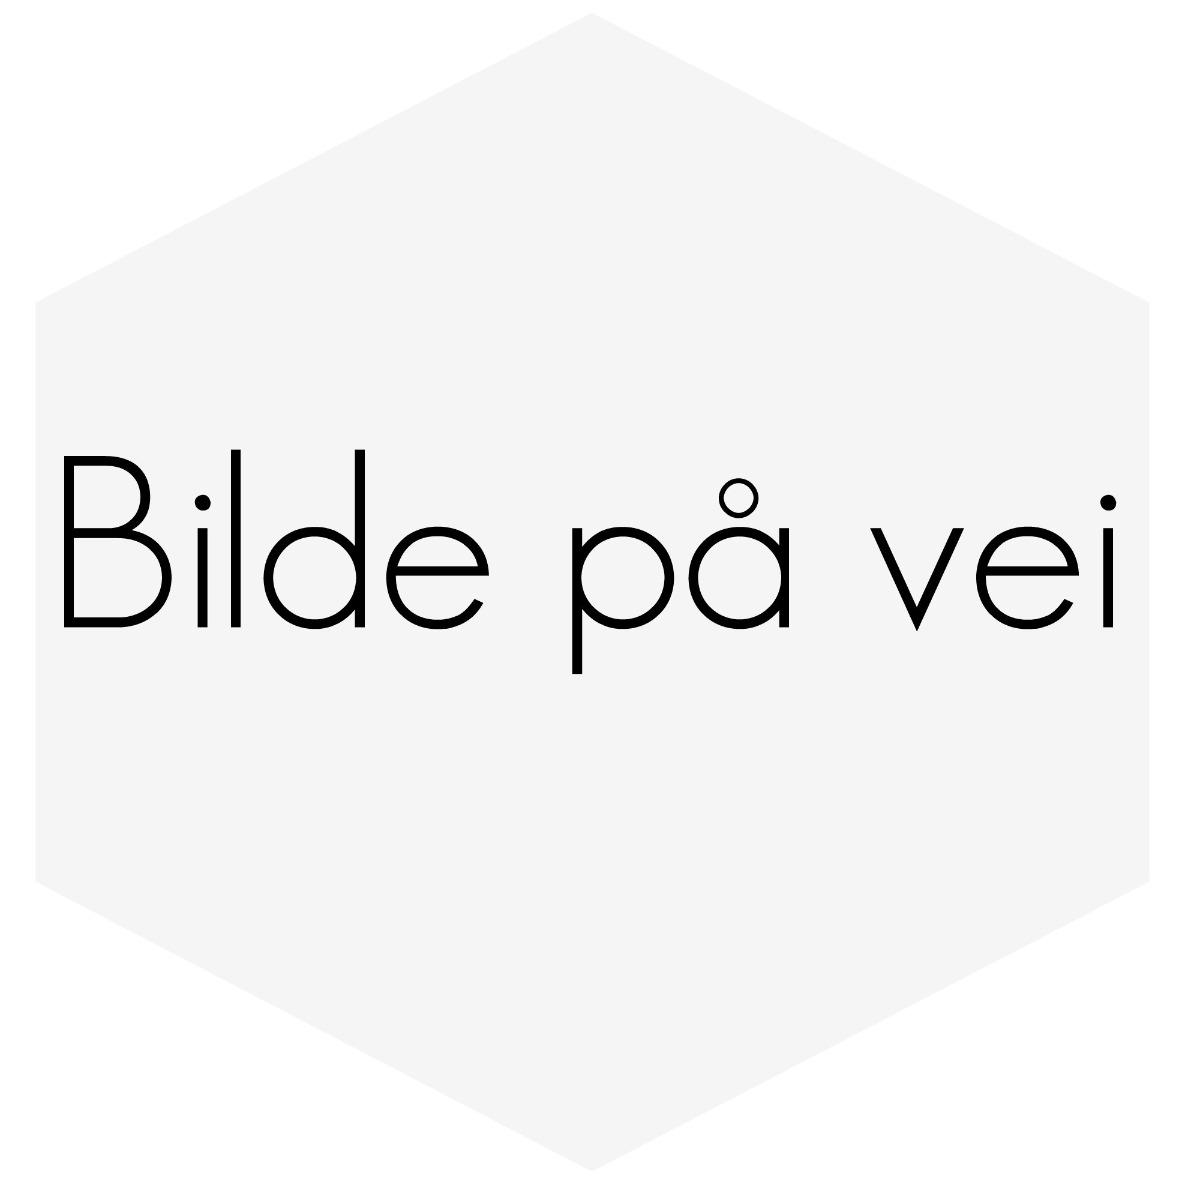 FORSKJERM PV/DUETT ORIGINAL UBRUKT HØYRE FORAN